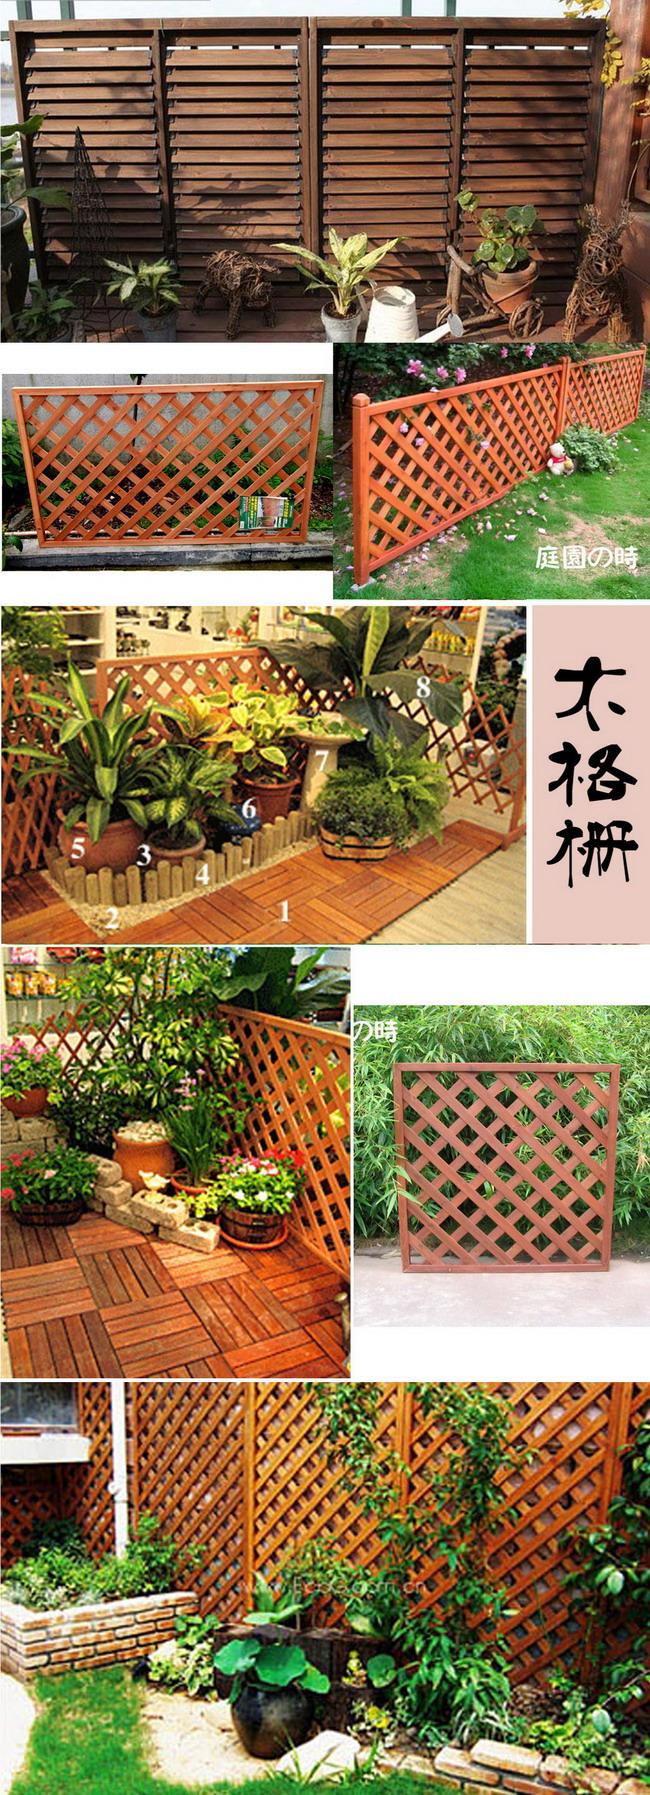 花园木格栅-花园软装-eshu易束景观|庭院设计|别墅